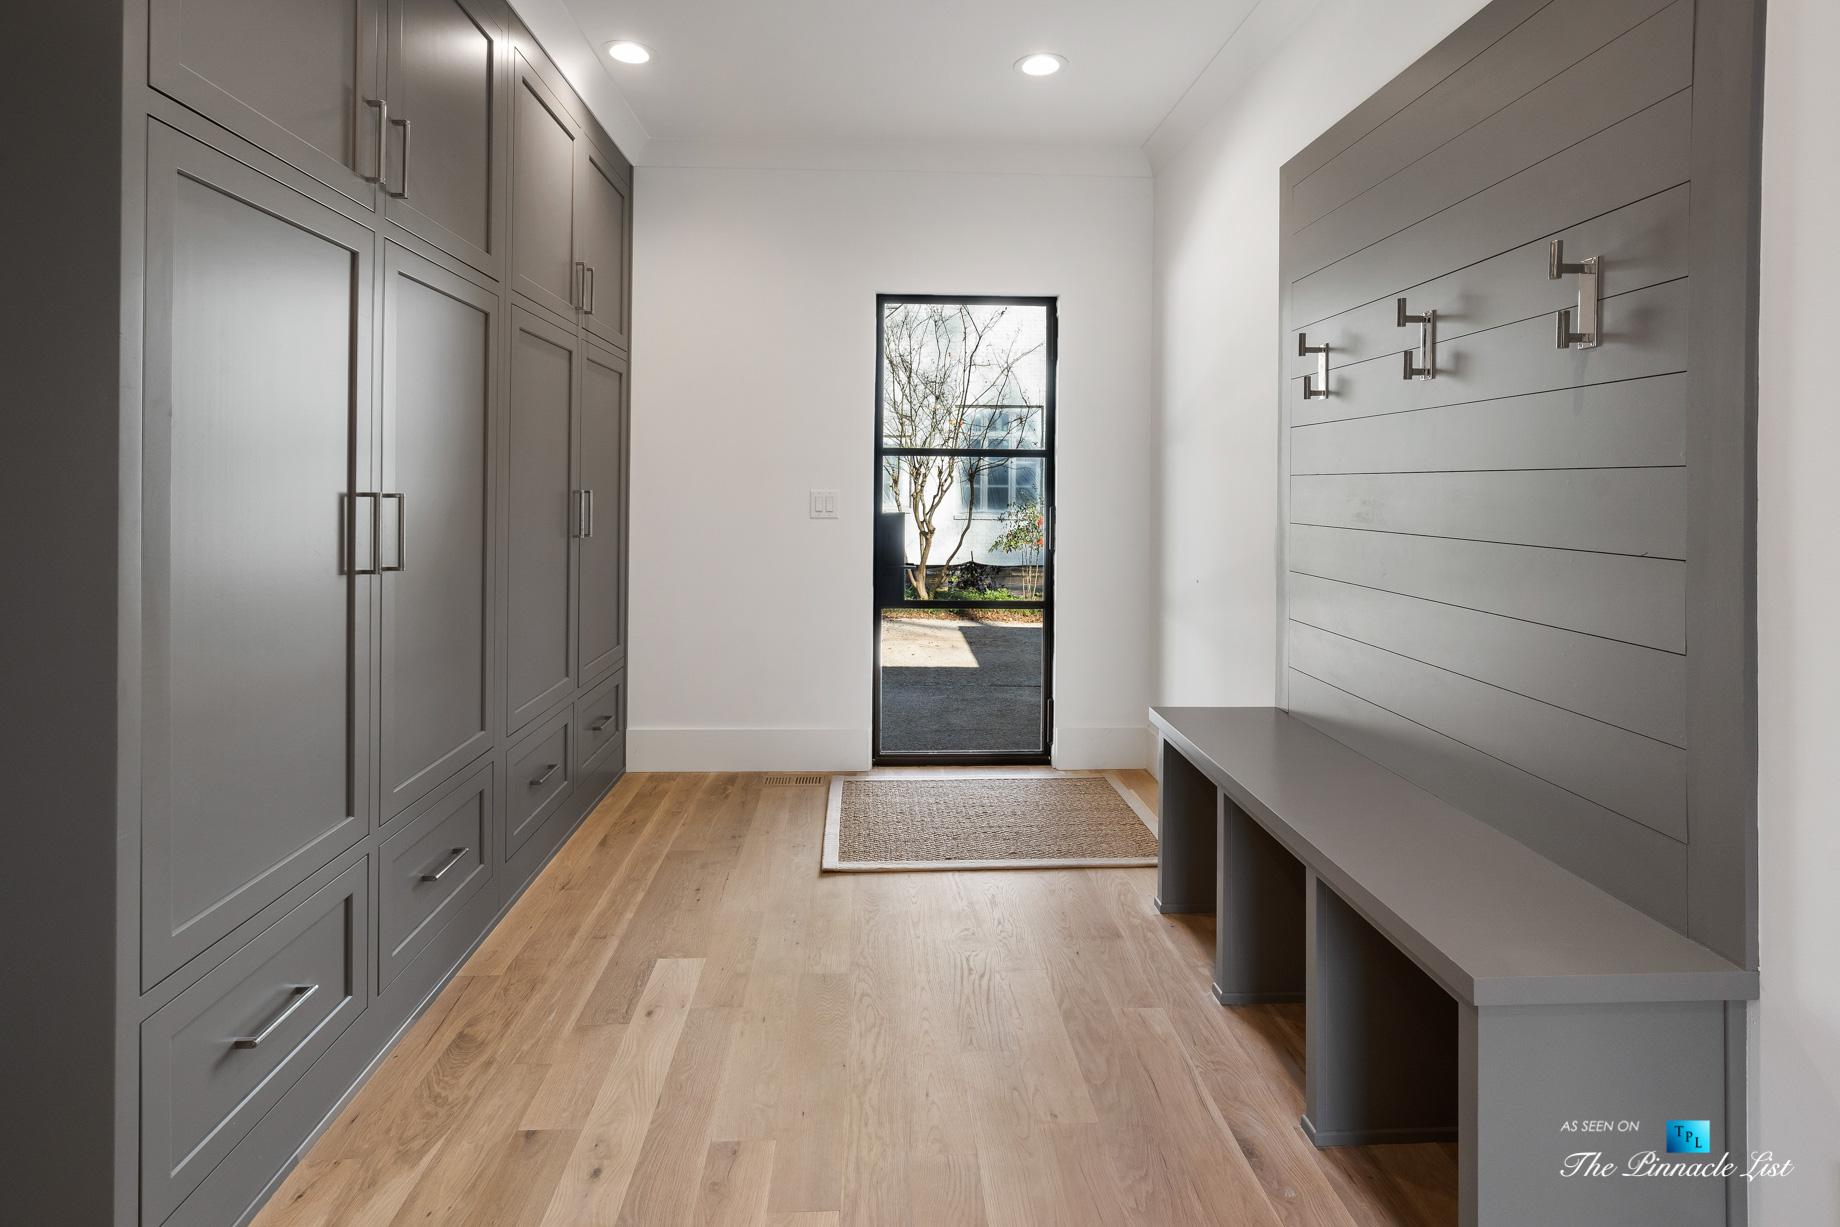 447 Valley Rd NW, Atlanta, GA, USA – Storage and Wardrobe – Luxury Real Estate – Tuxedo Park Home